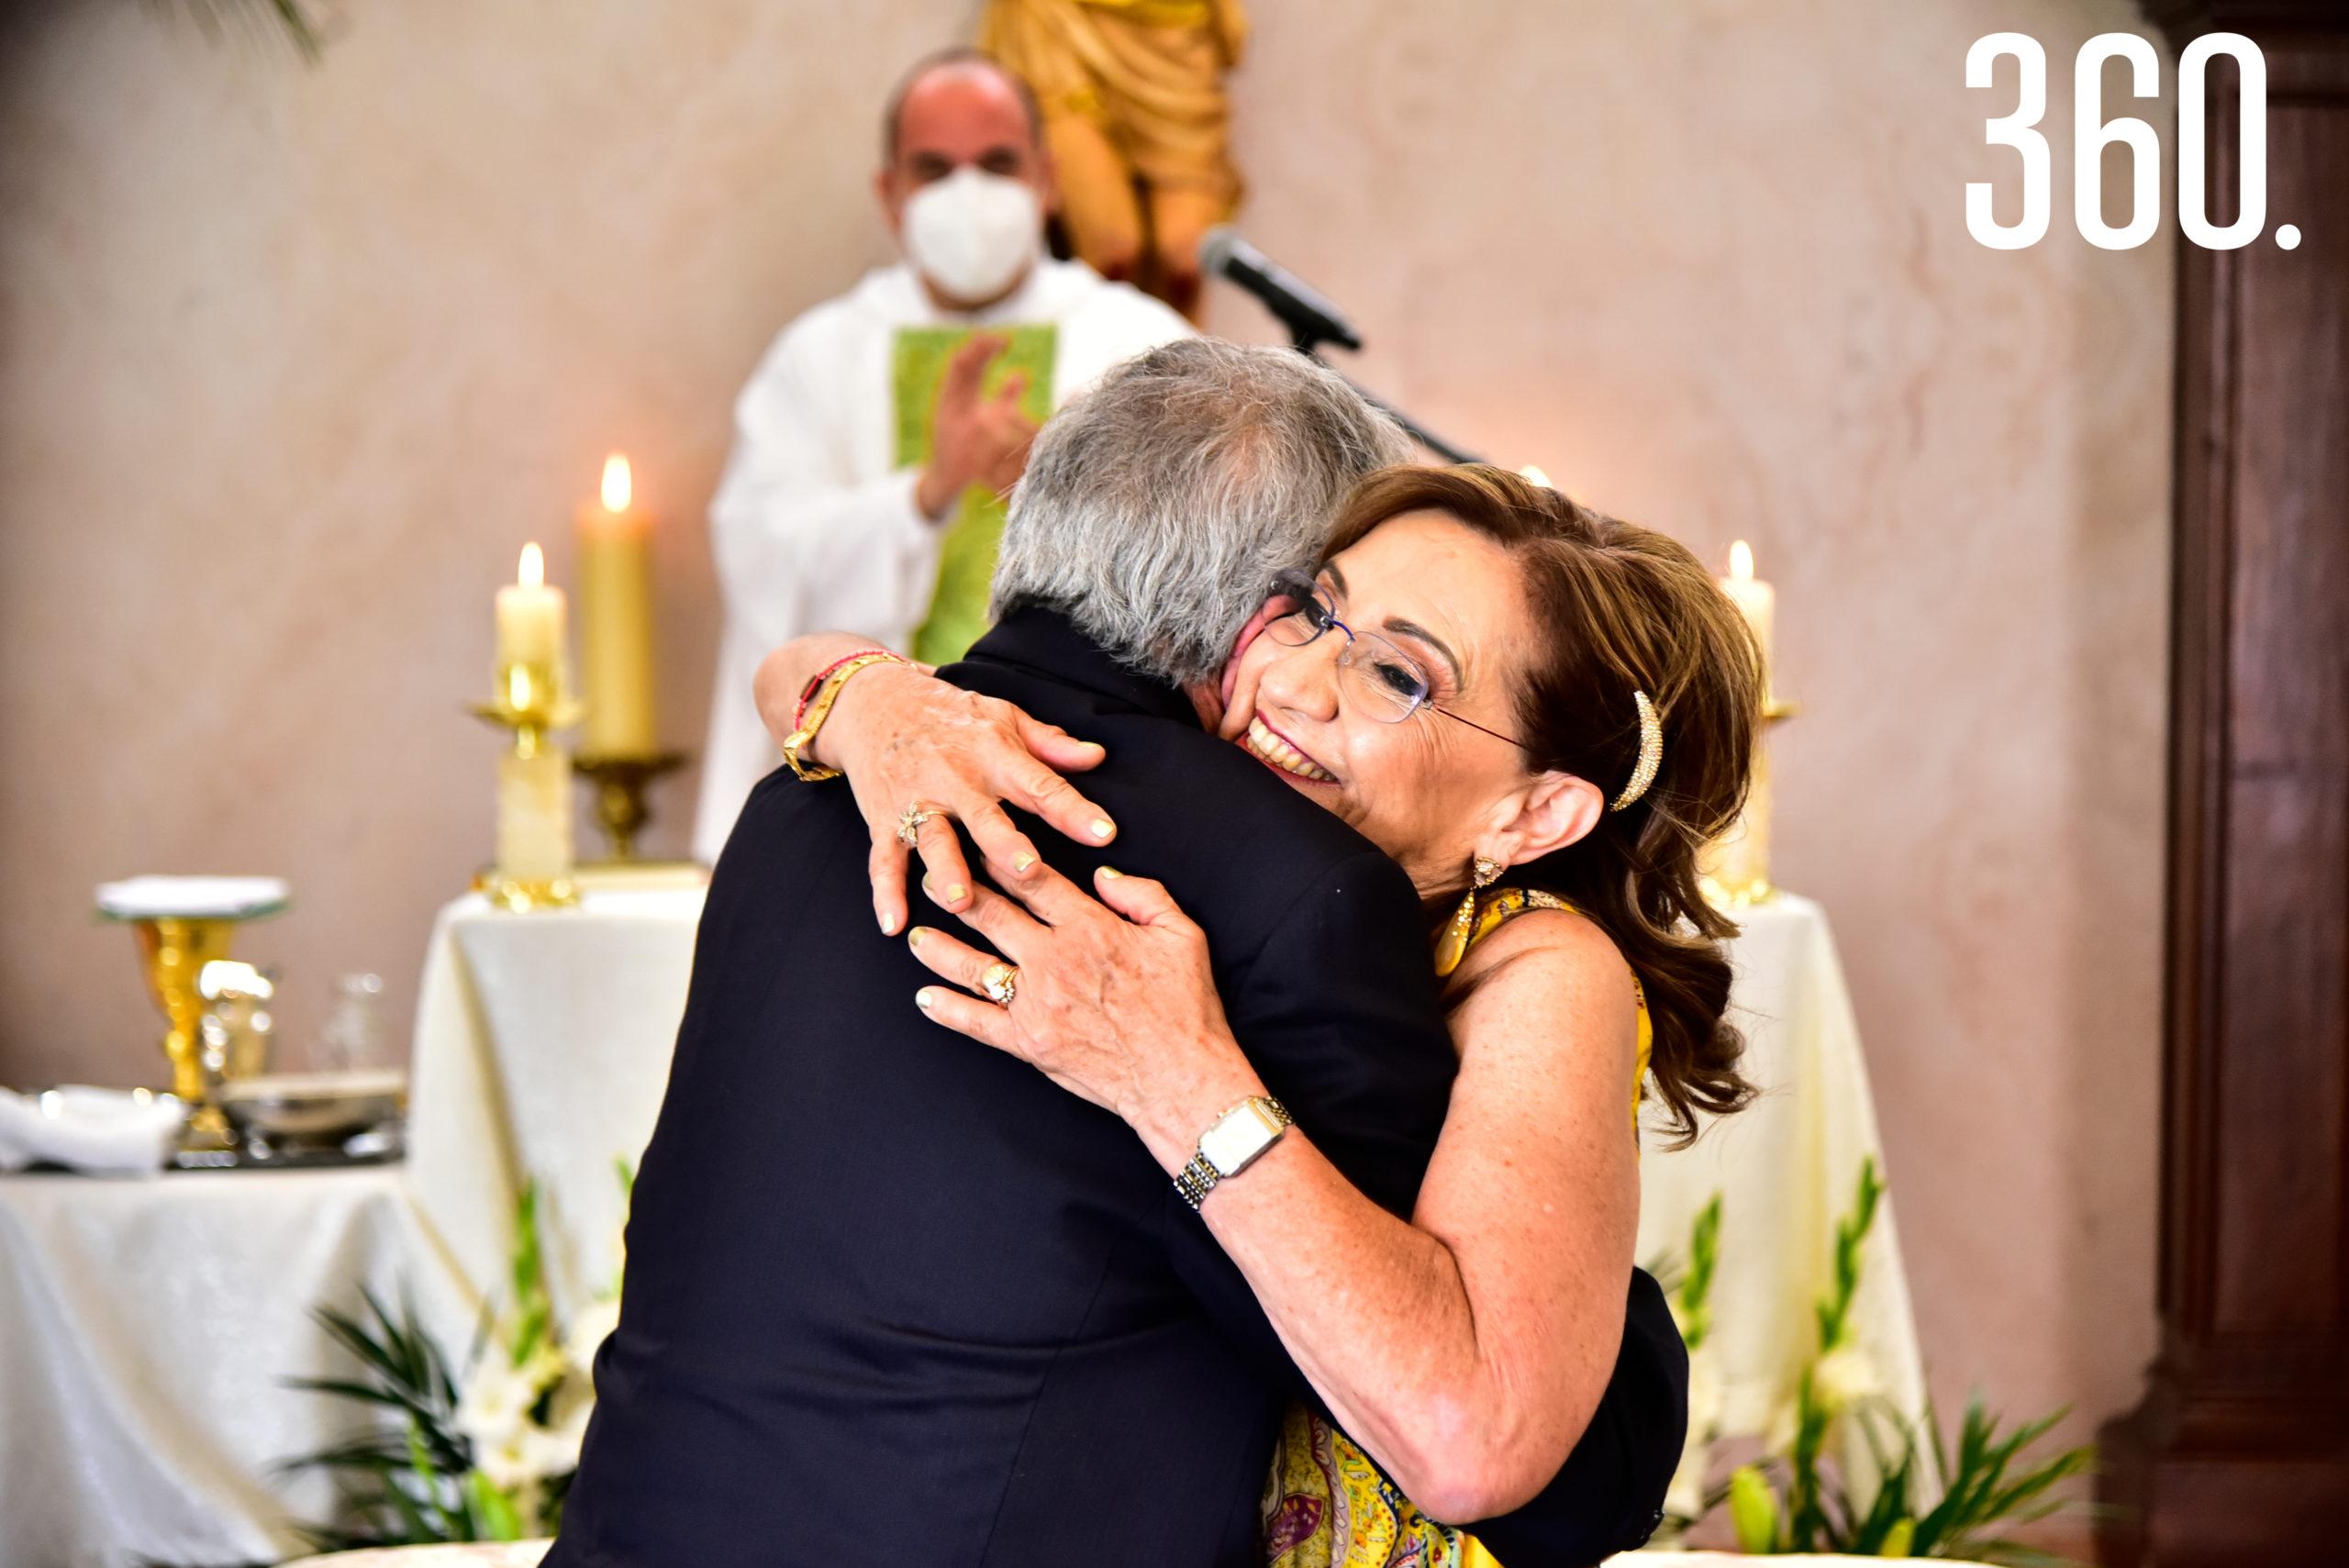 El matrimonio felicitándose.